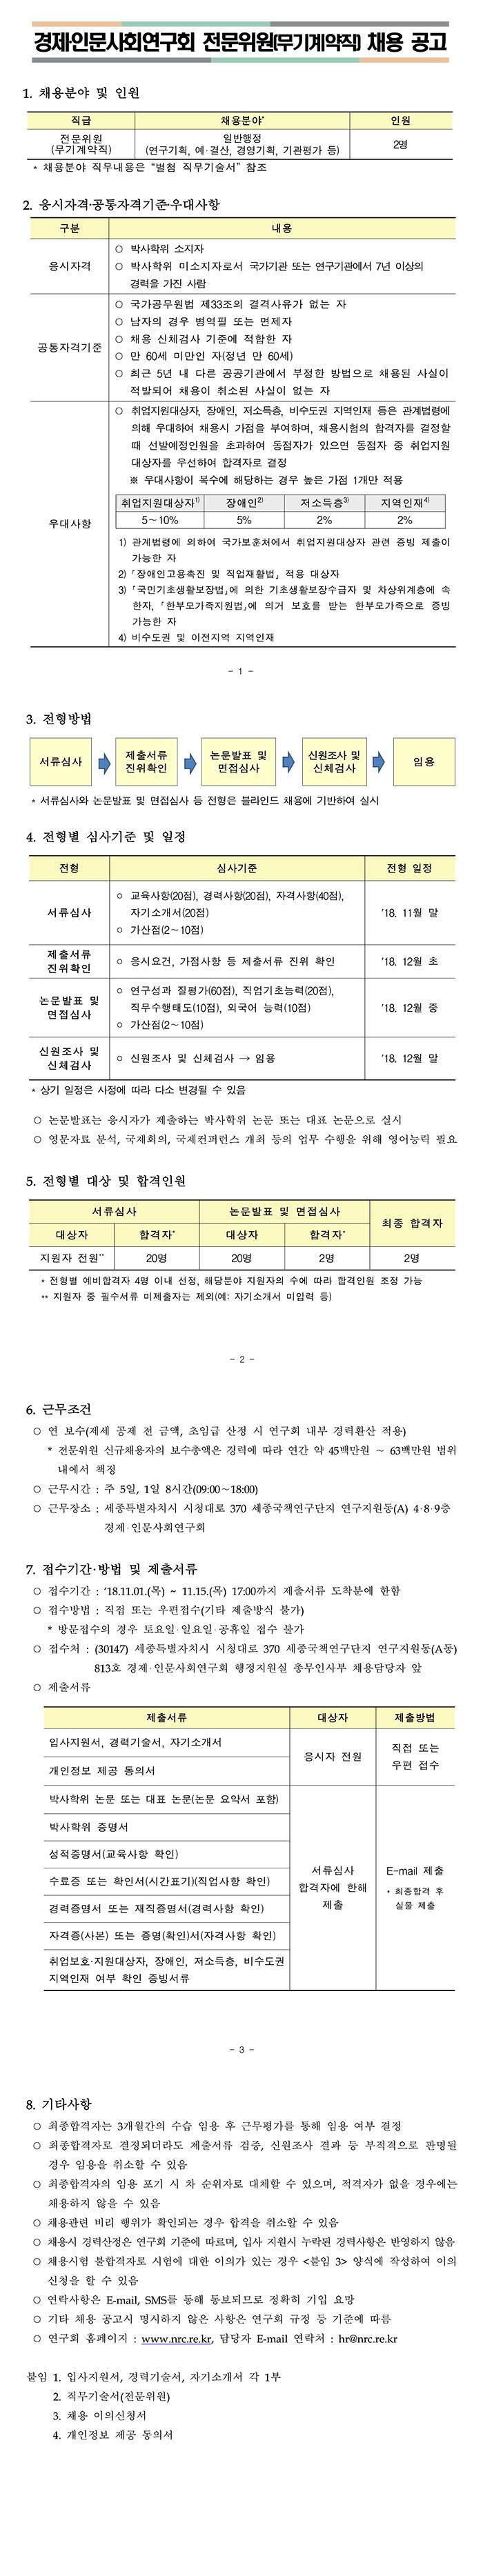 [경제·인문사회연구회] 전문위원(무기계약직) 채용 공고